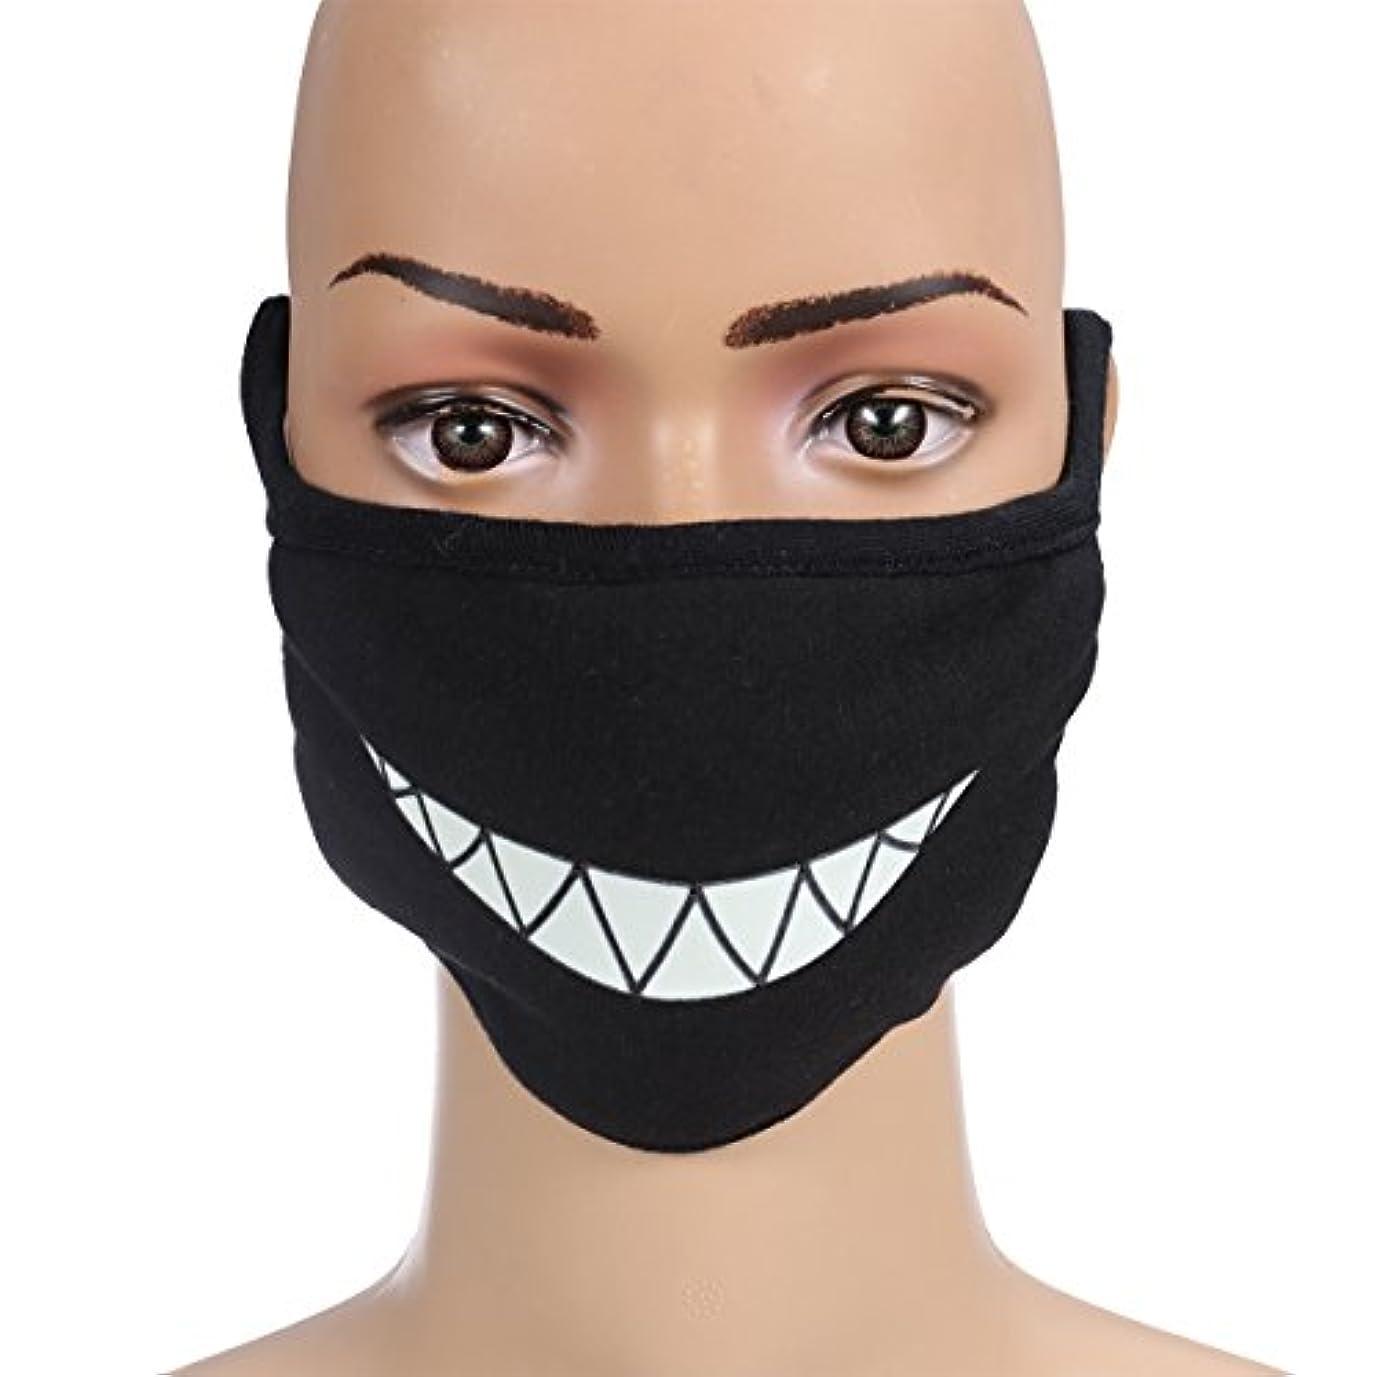 へこみダニ仲人Toyvian ハロウィンコスプレ用防塵口マスク綿の歯発光口マスク